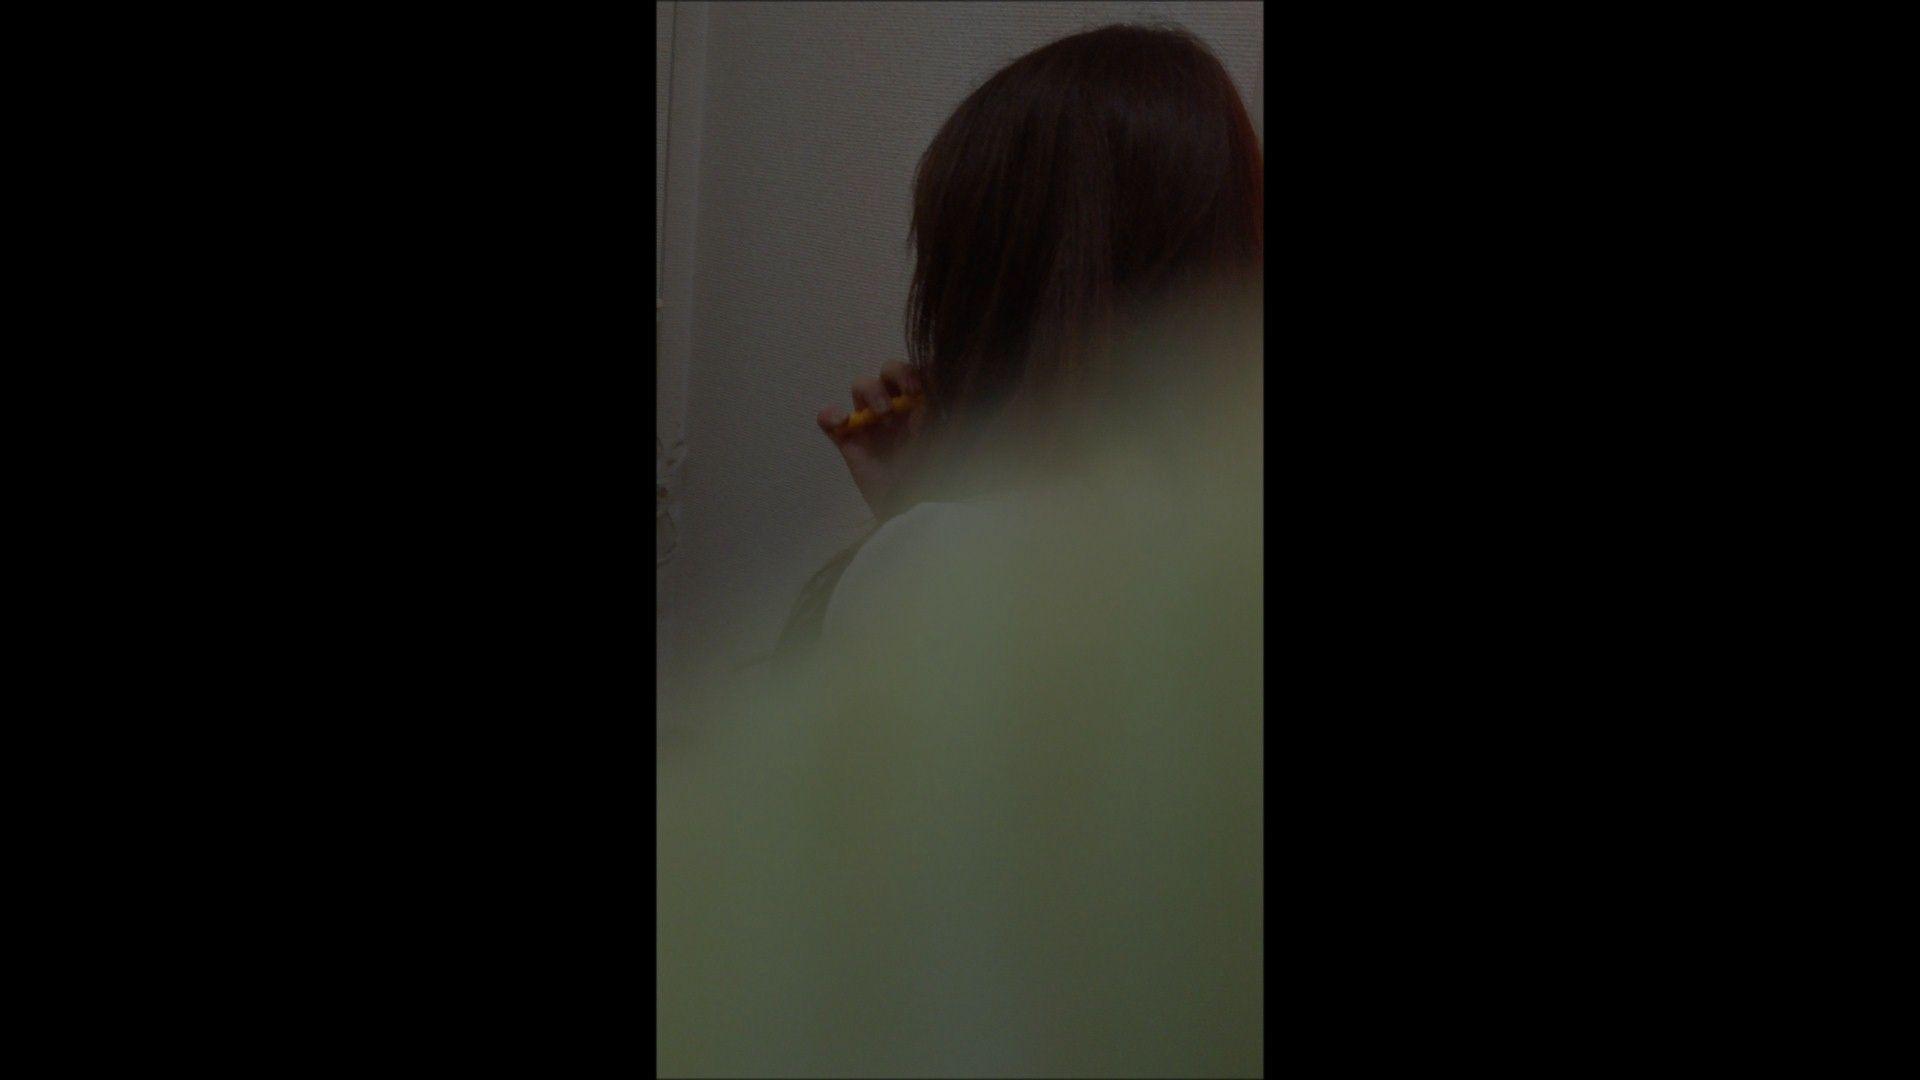 無修正ヌード|08(8日目)メイク中の彼女の顔を撮りました!|大奥